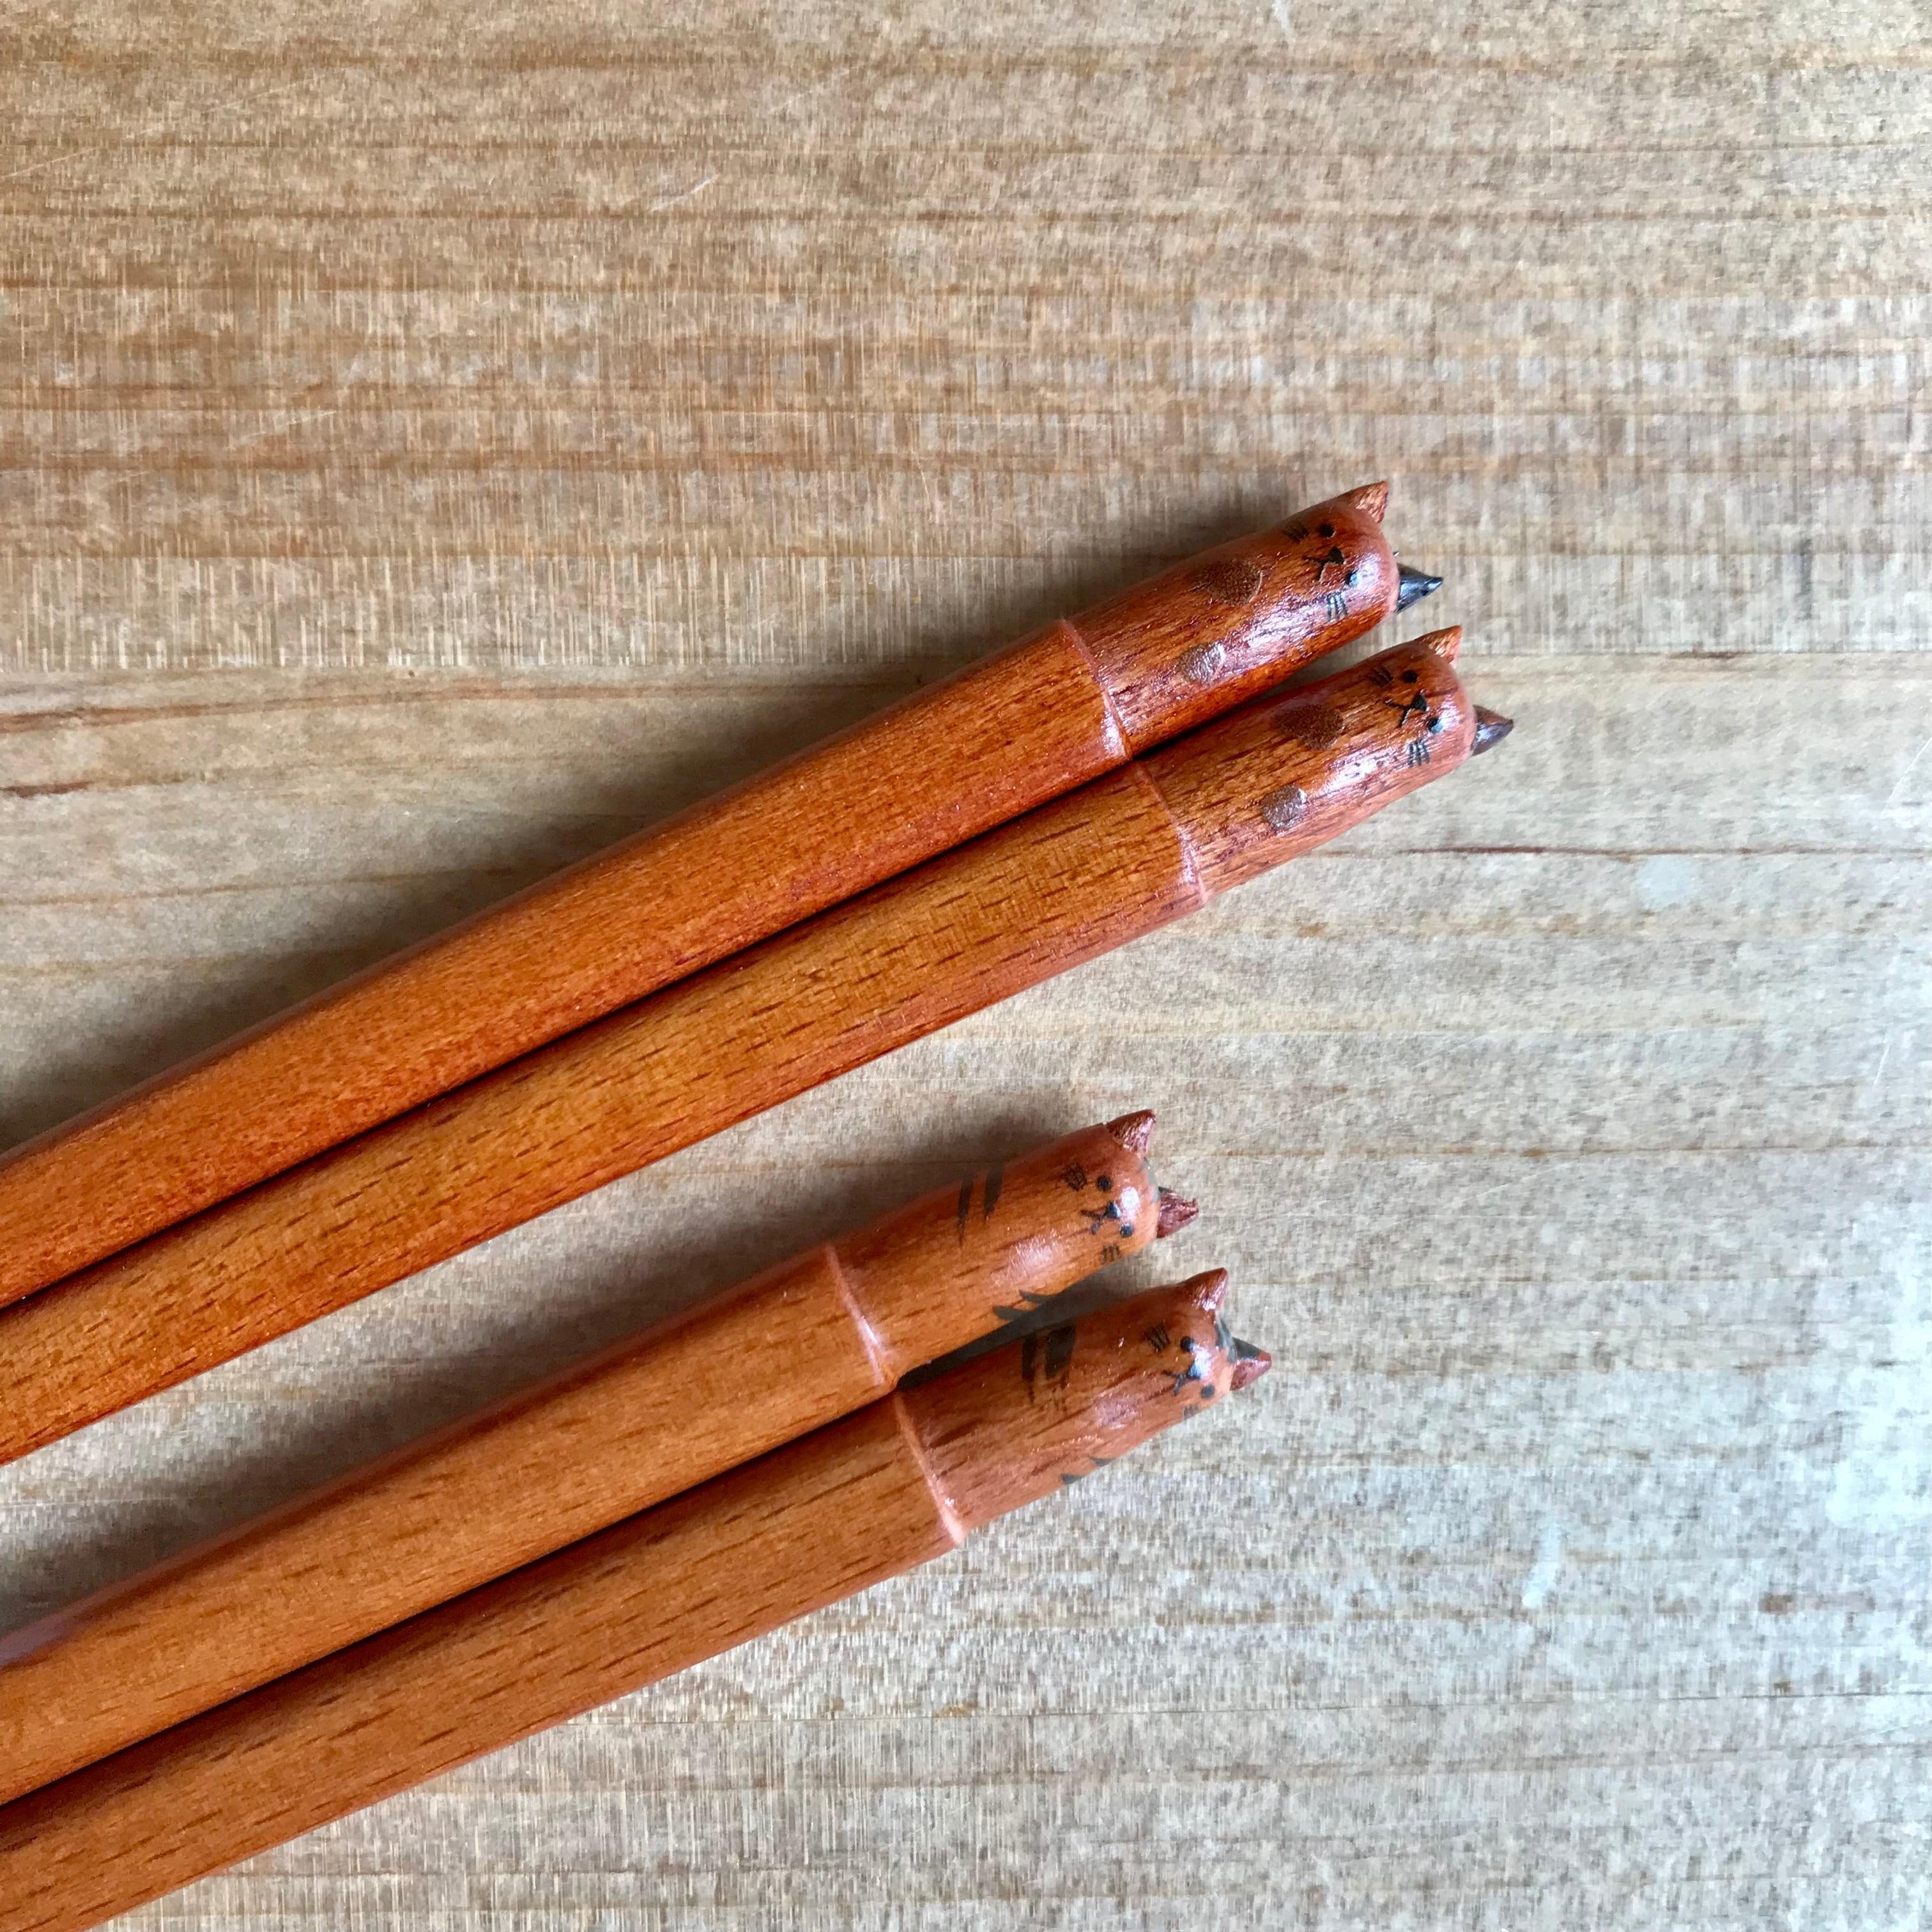 ブチネコとトラネコの箸